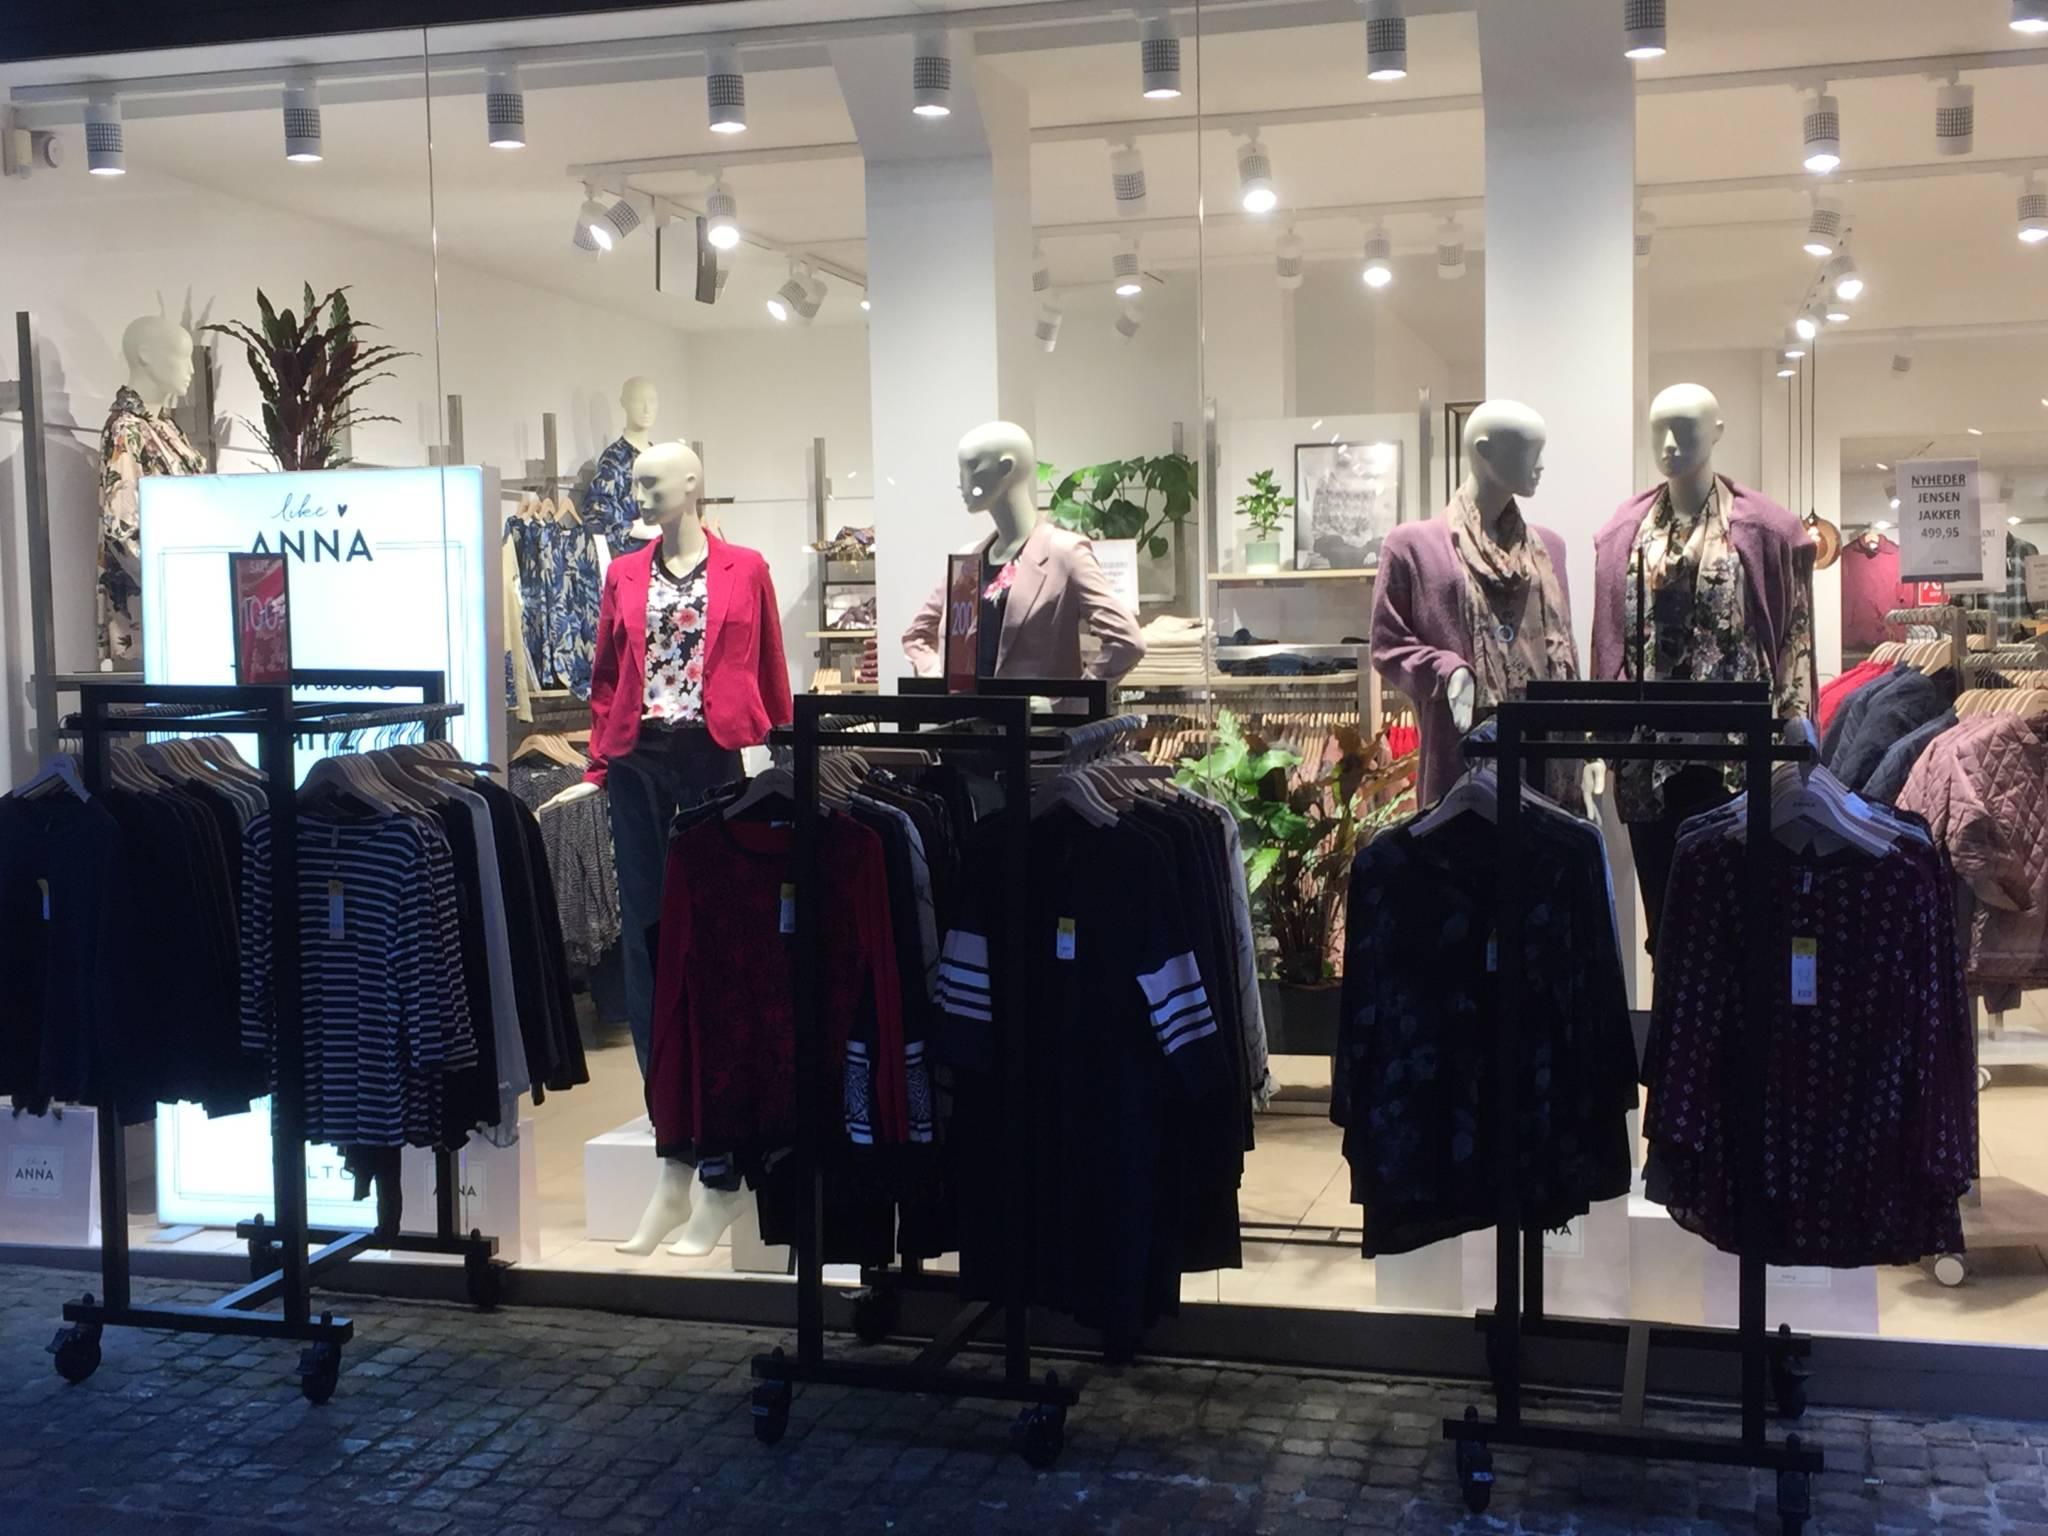 Flot indrette modebutik i hjertet af Ålborg